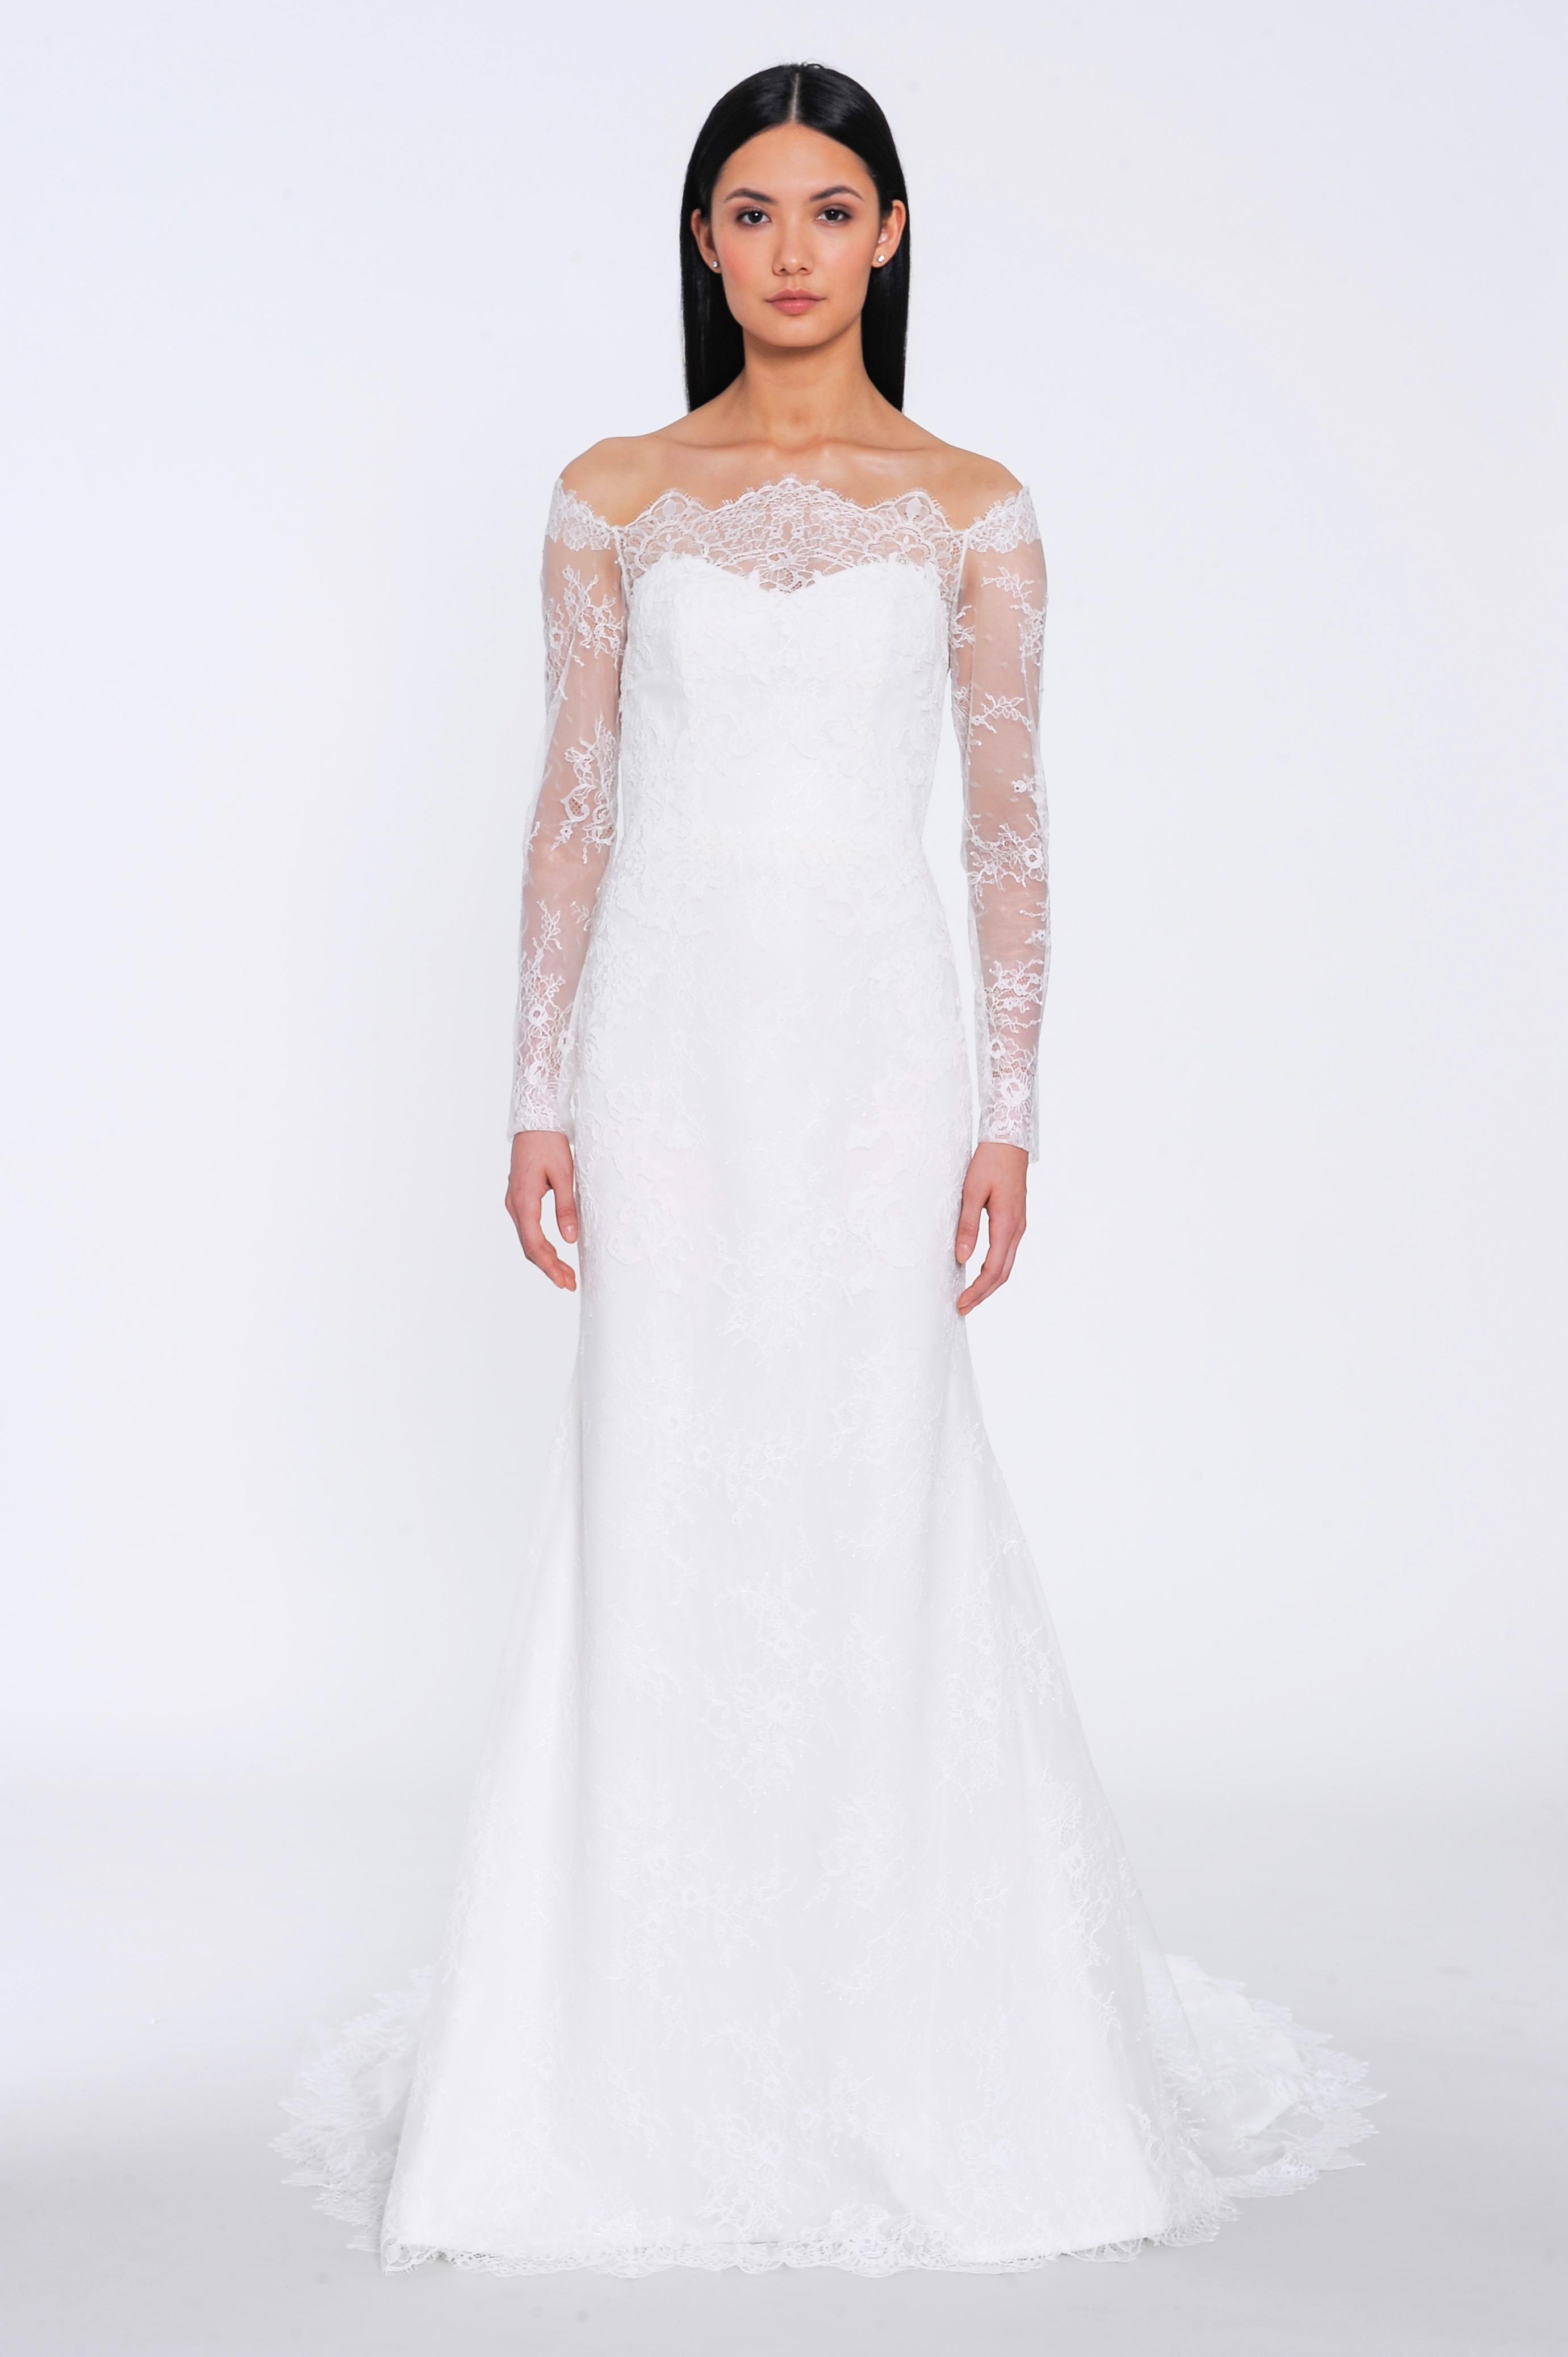 allison webb wedding dress spring 2019 off-the-shoulder